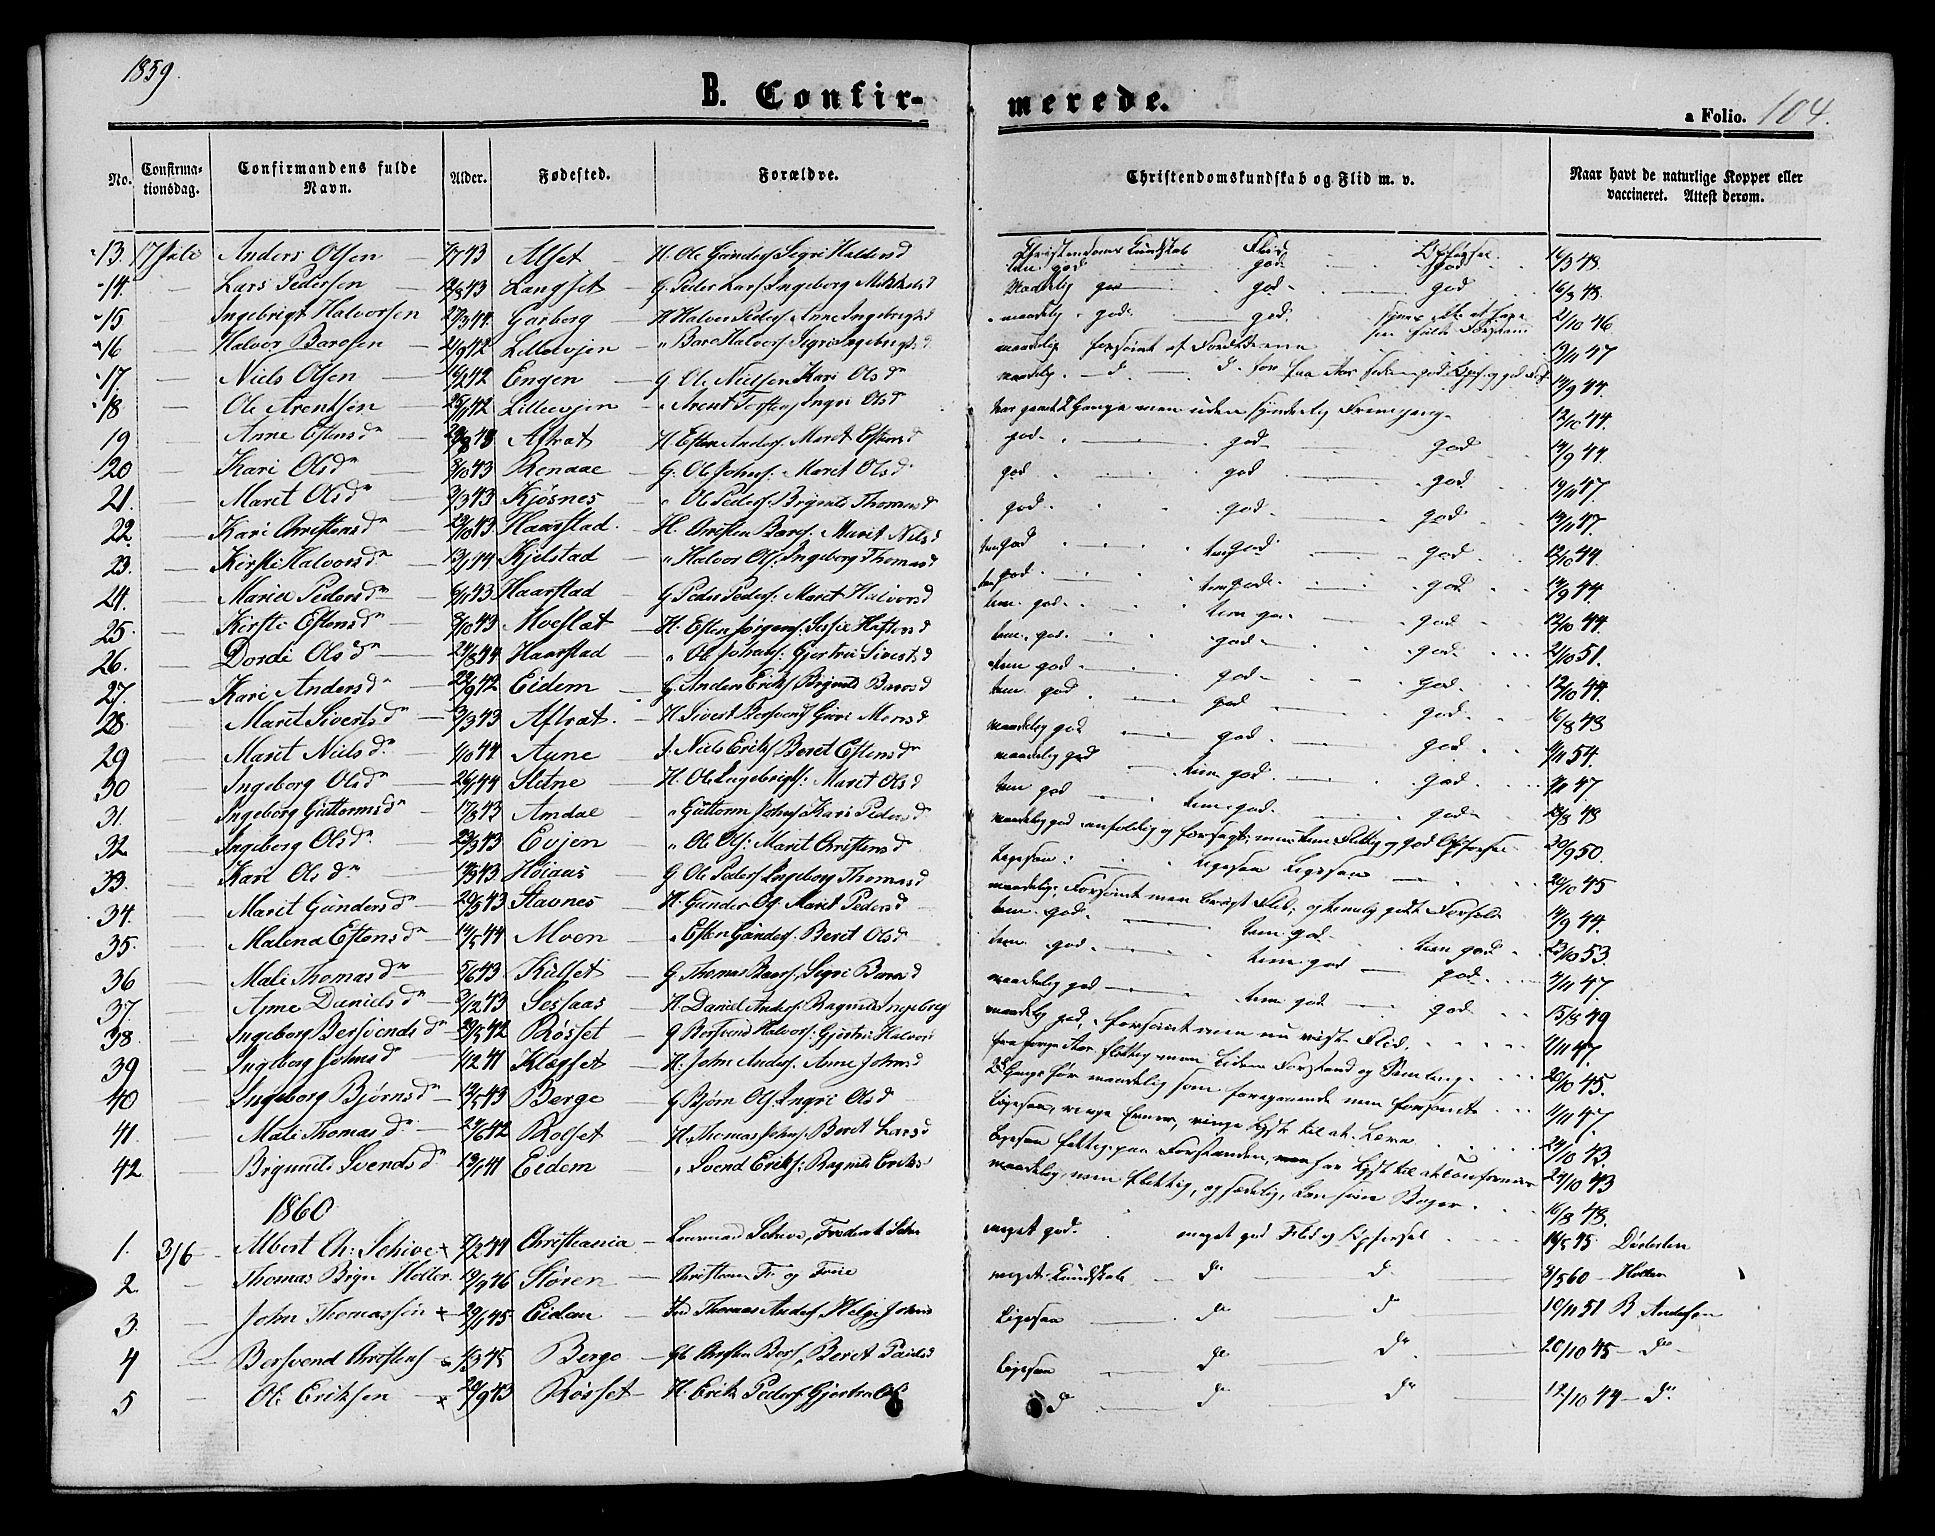 SAT, Ministerialprotokoller, klokkerbøker og fødselsregistre - Sør-Trøndelag, 695/L1155: Klokkerbok nr. 695C06, 1859-1868, s. 104